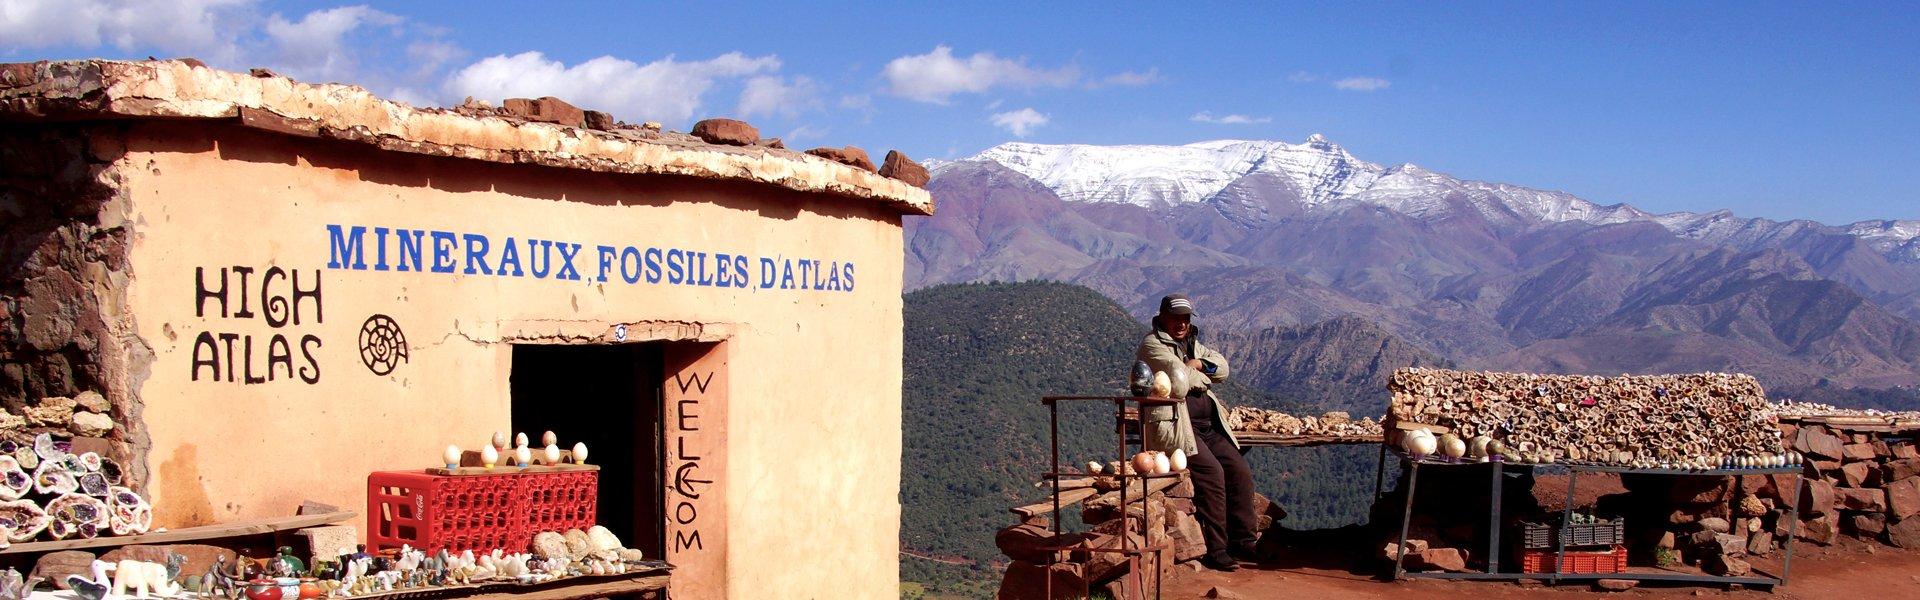 Hoge Atlas, Marokko